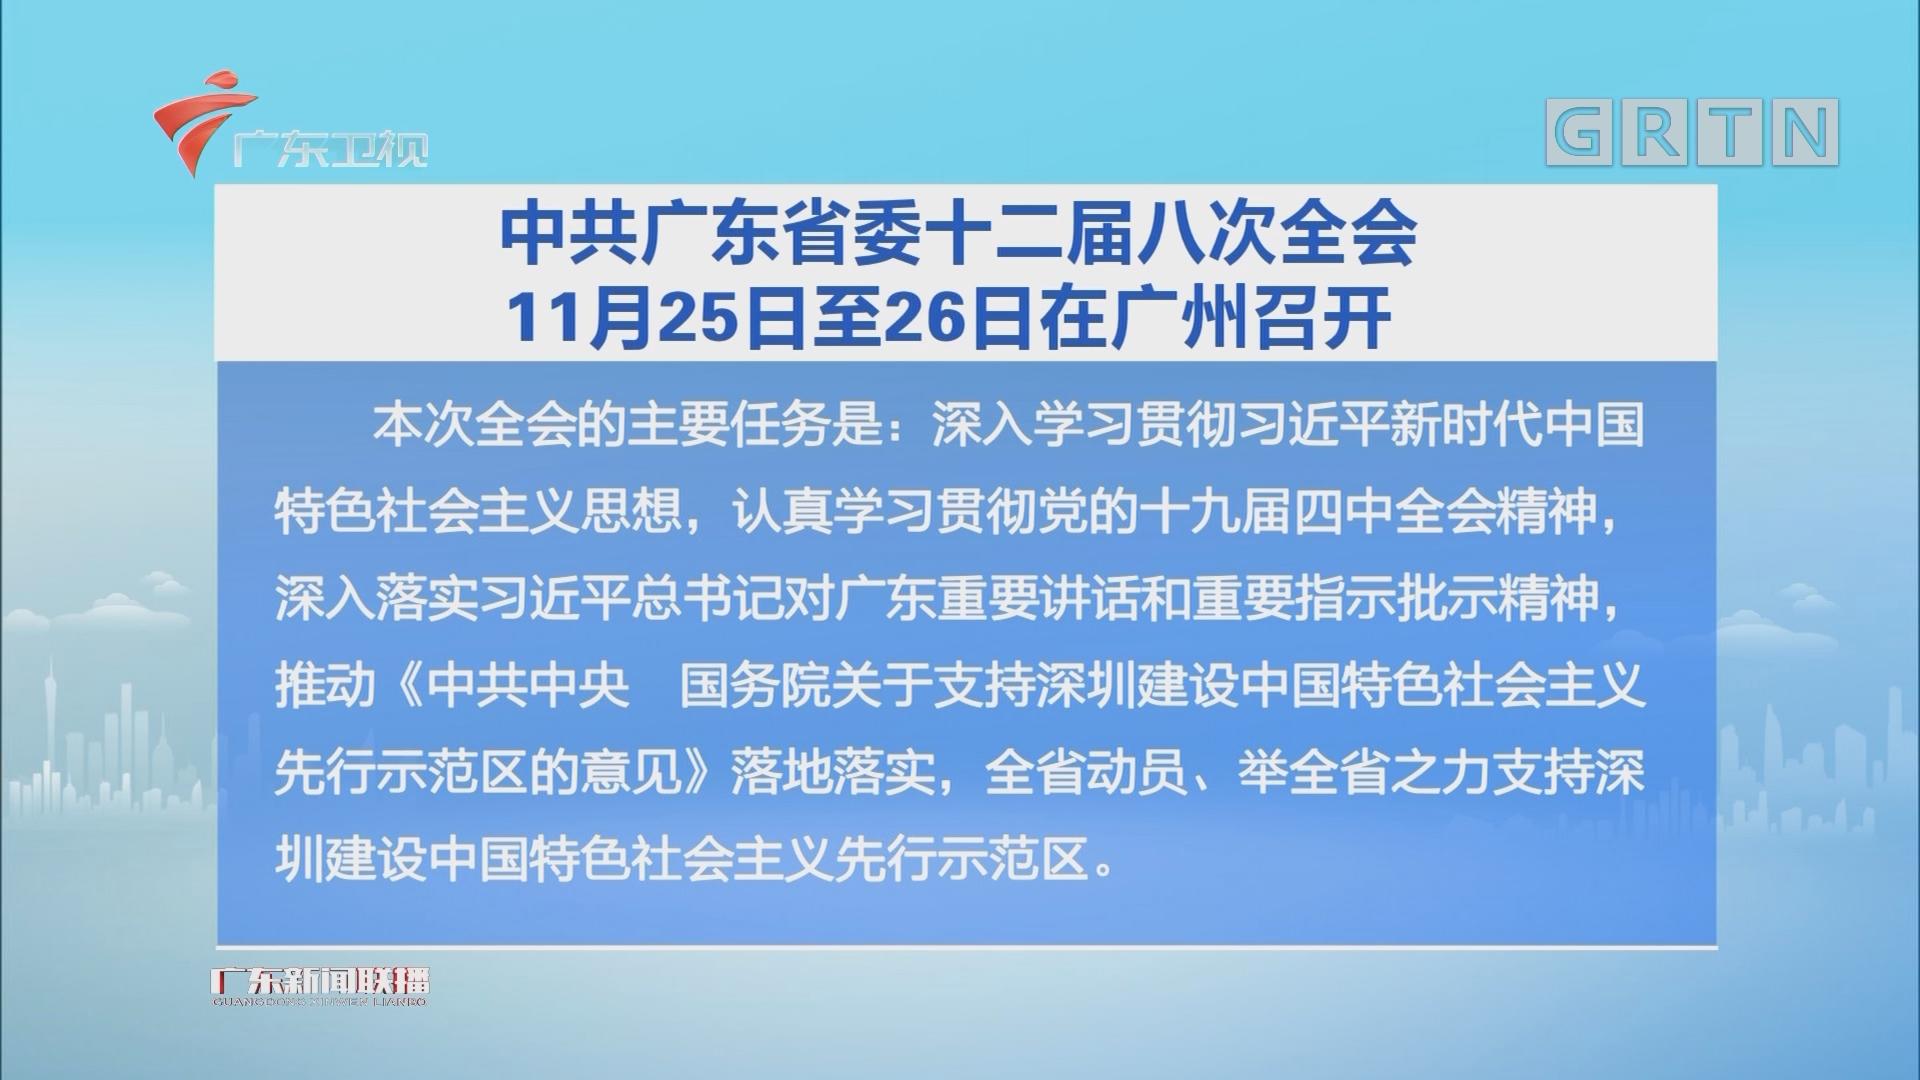 中共广东省委十二届八次全会11月25日至26日在广州召开